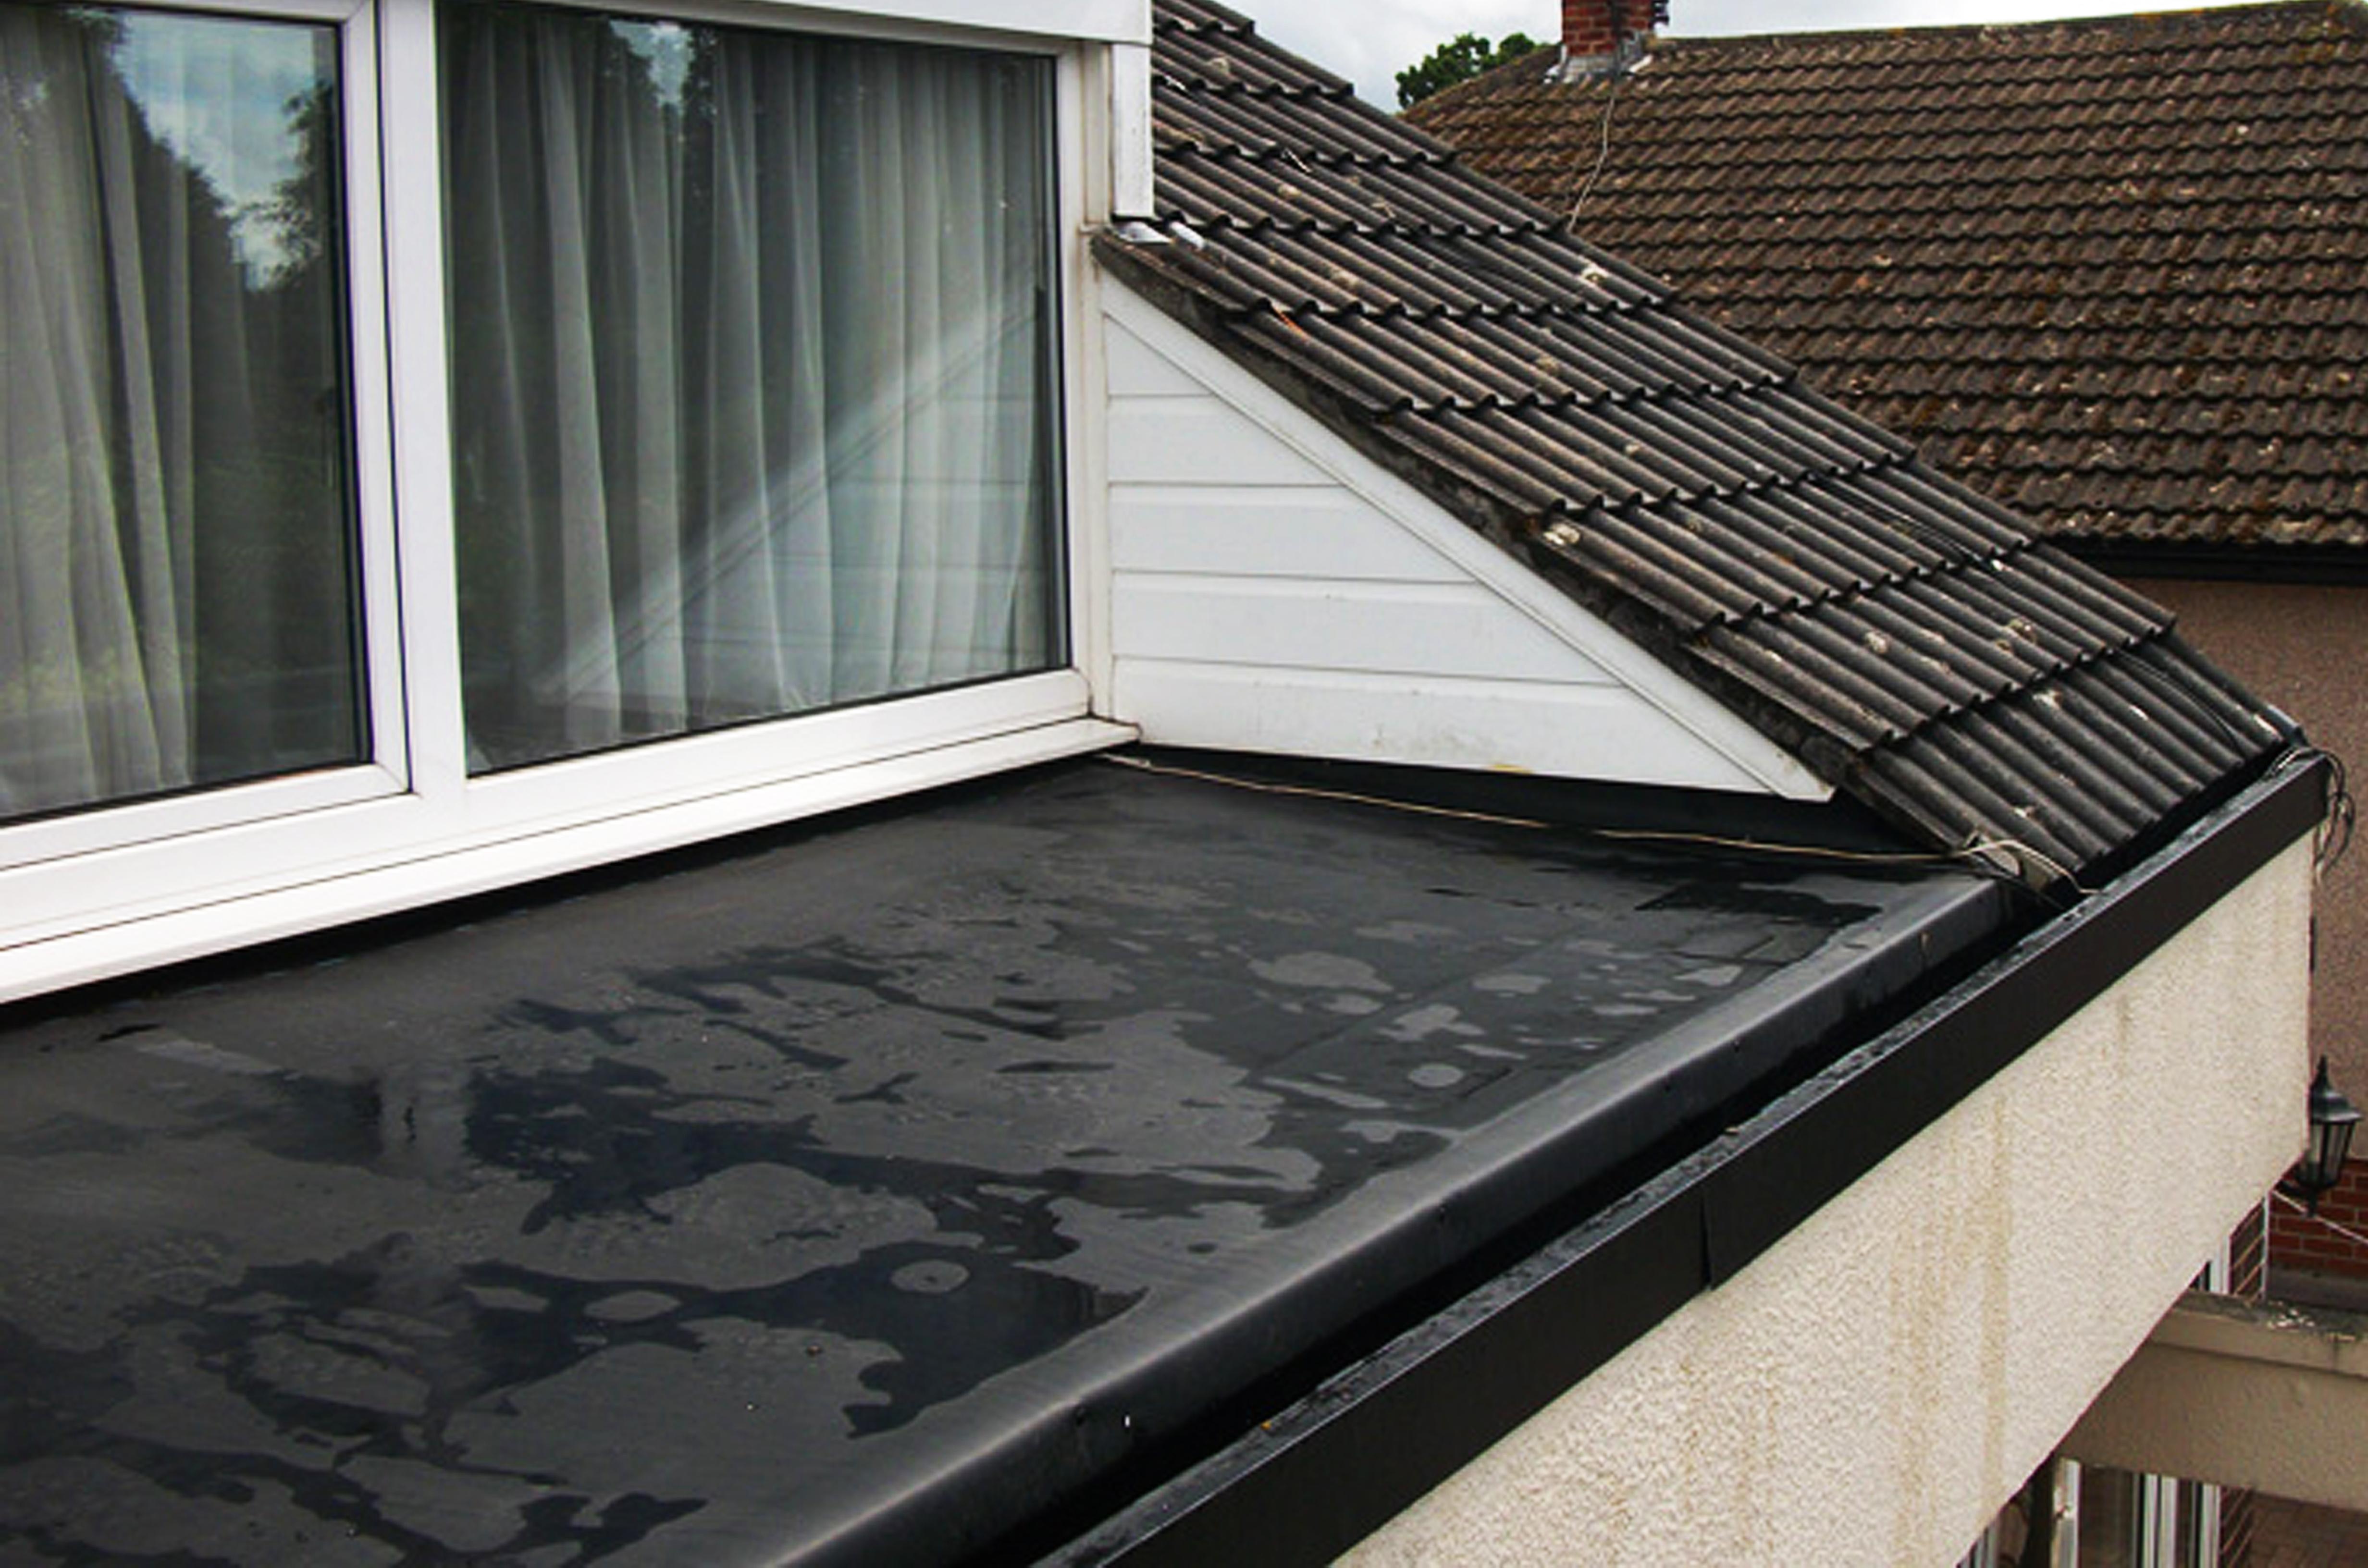 Výklenom pri okne s hydroizolácou EPDM